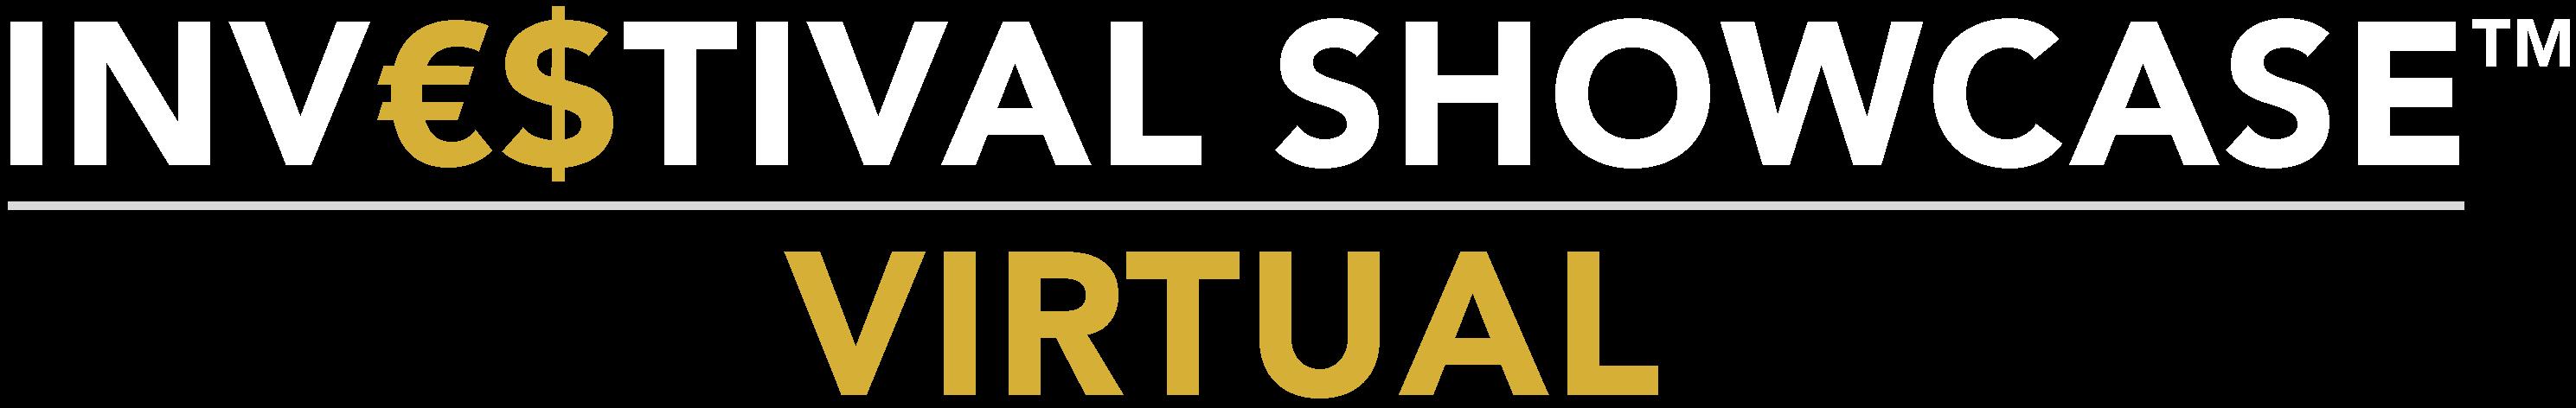 LSX Investival Showcase Virtual White